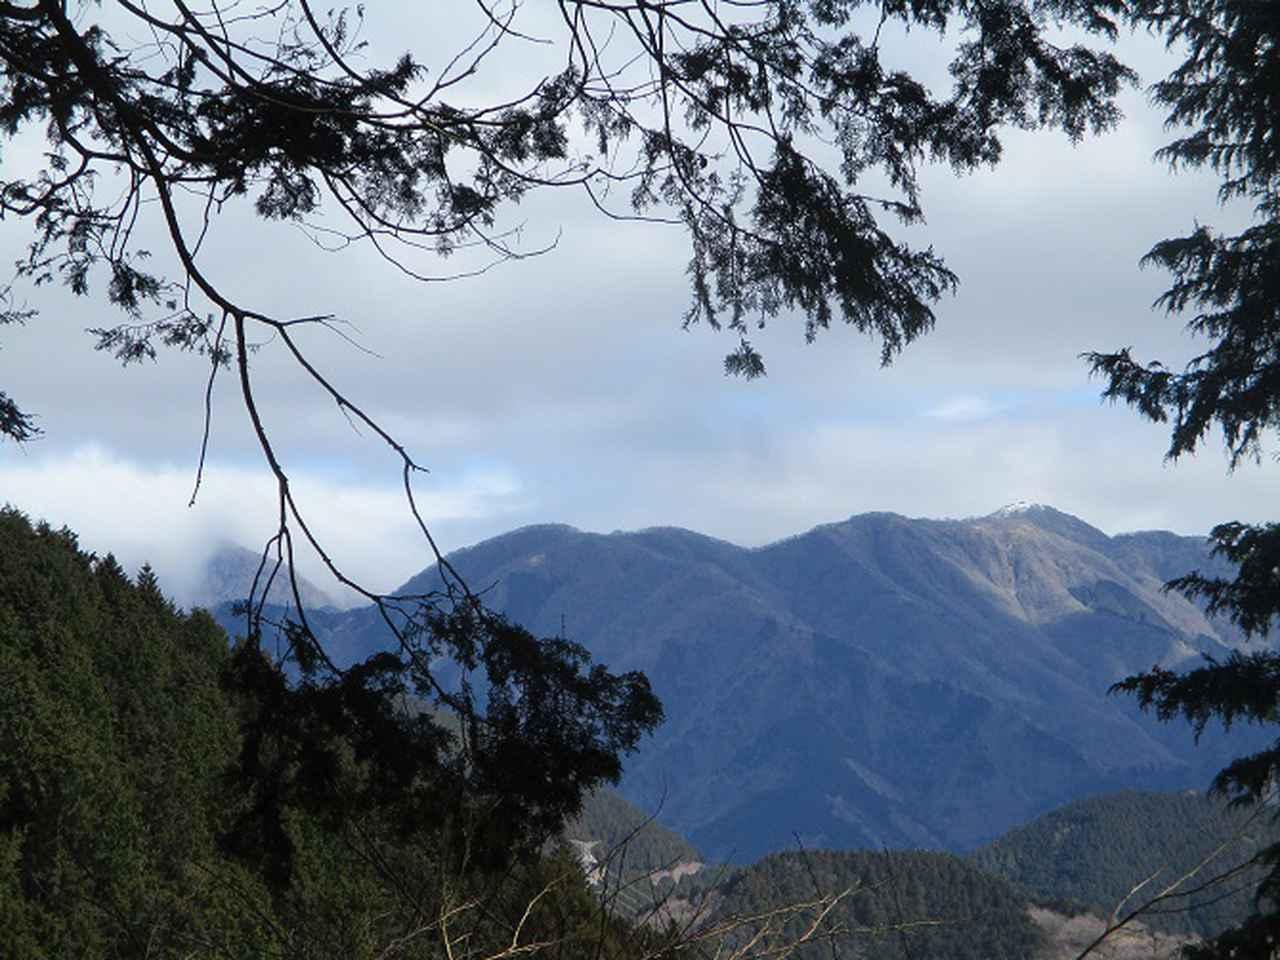 画像4: 3月9日に山旅会 高松山 ツアーに行ってきました!